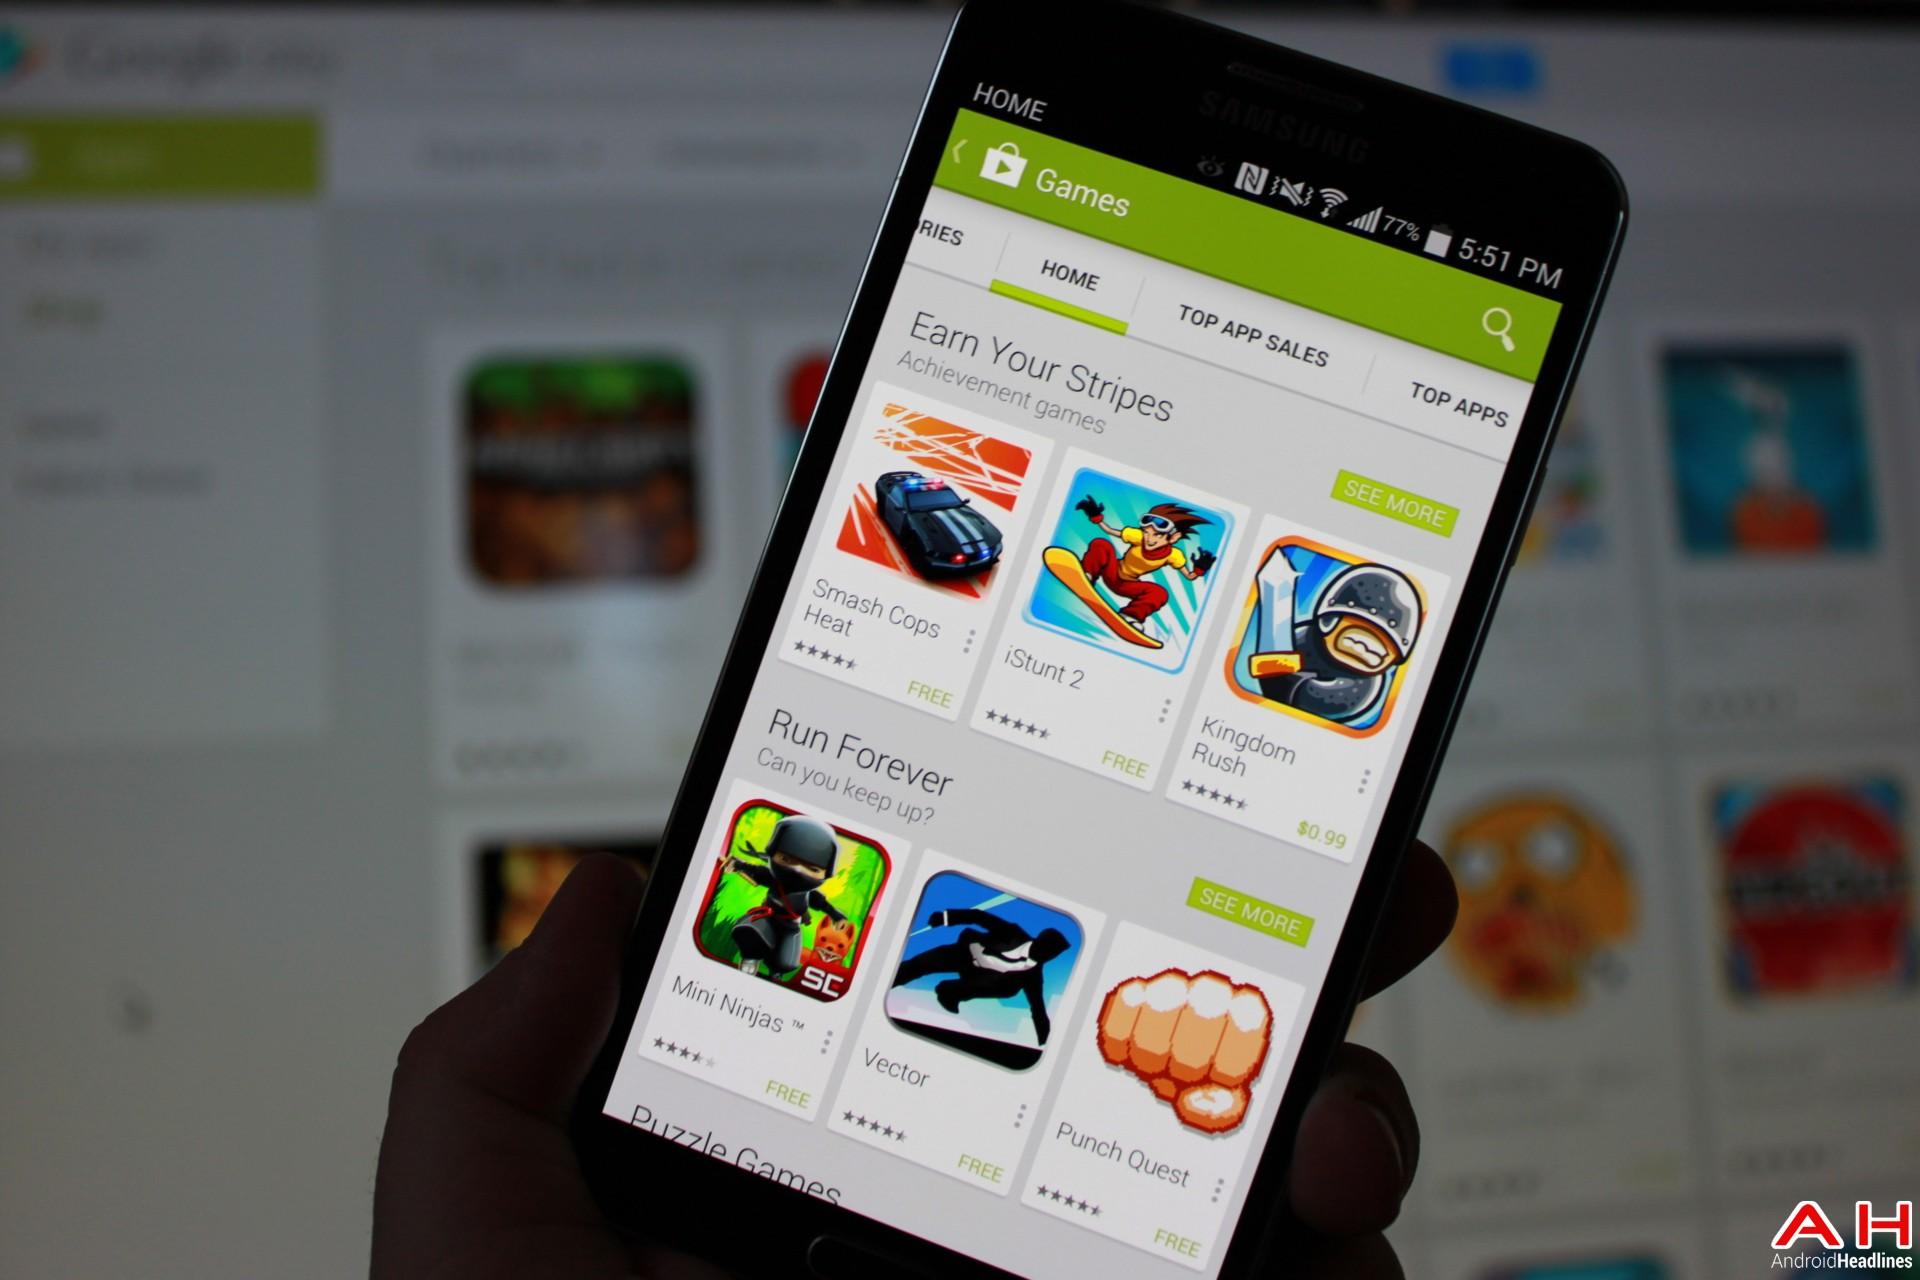 вид приложение где можно продавать фотографии они, как небольшие